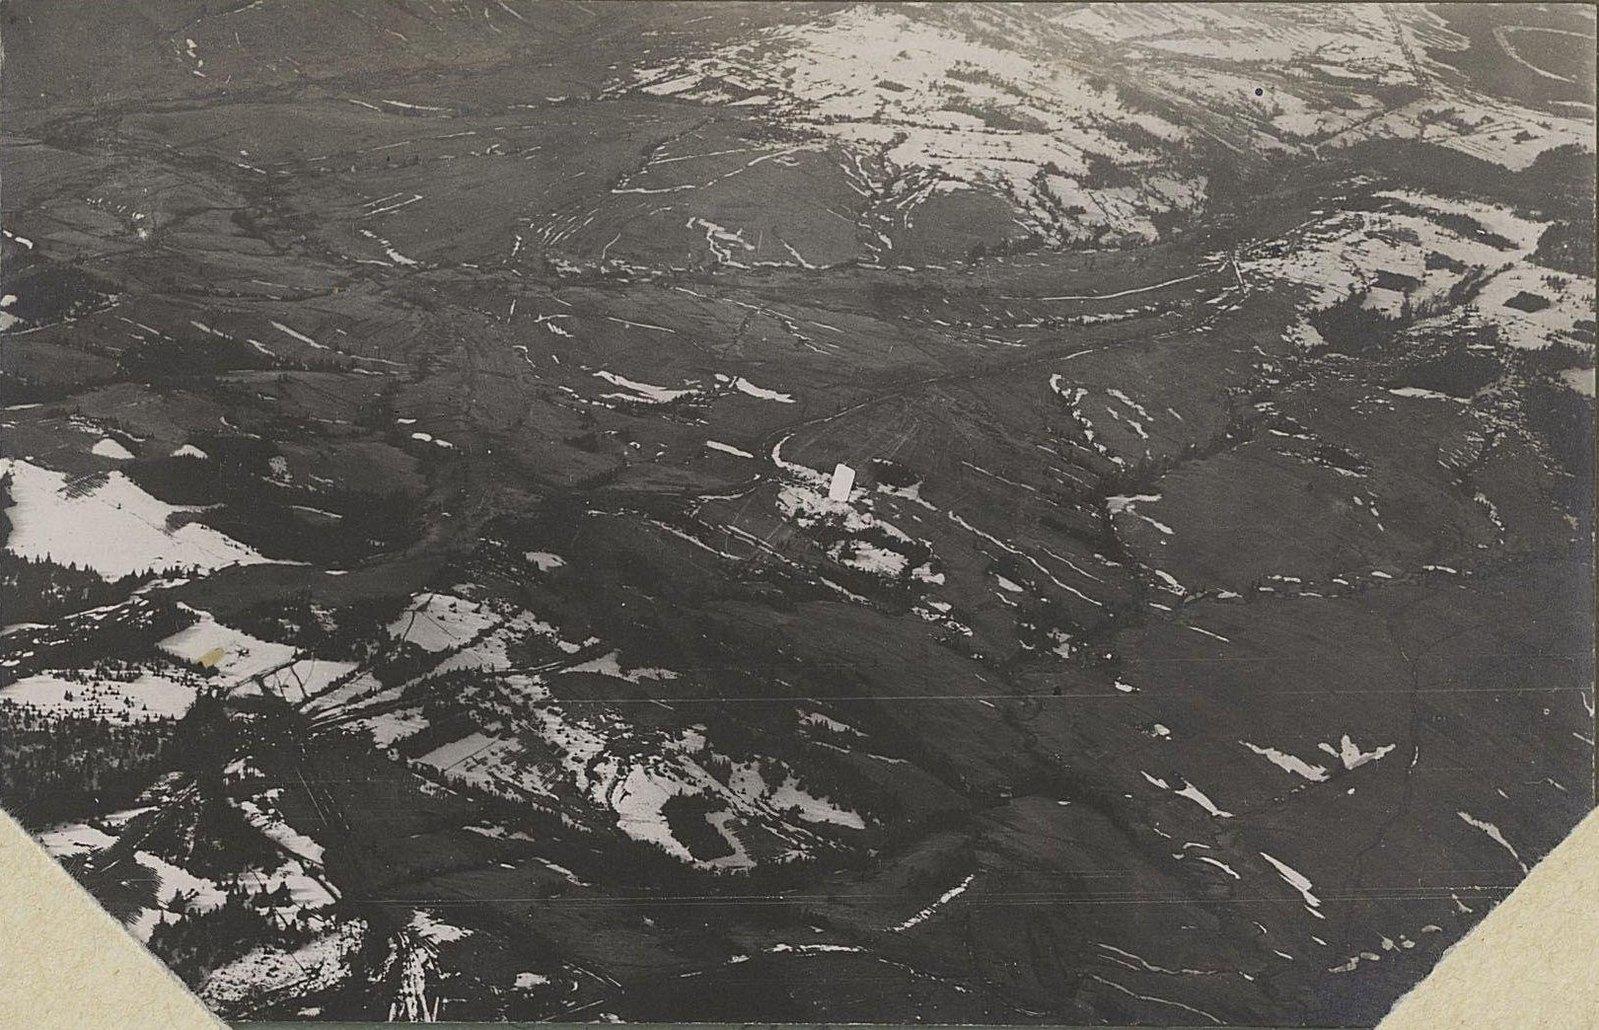 1915. Австрийские окопы. Снято с аэроплана зимой